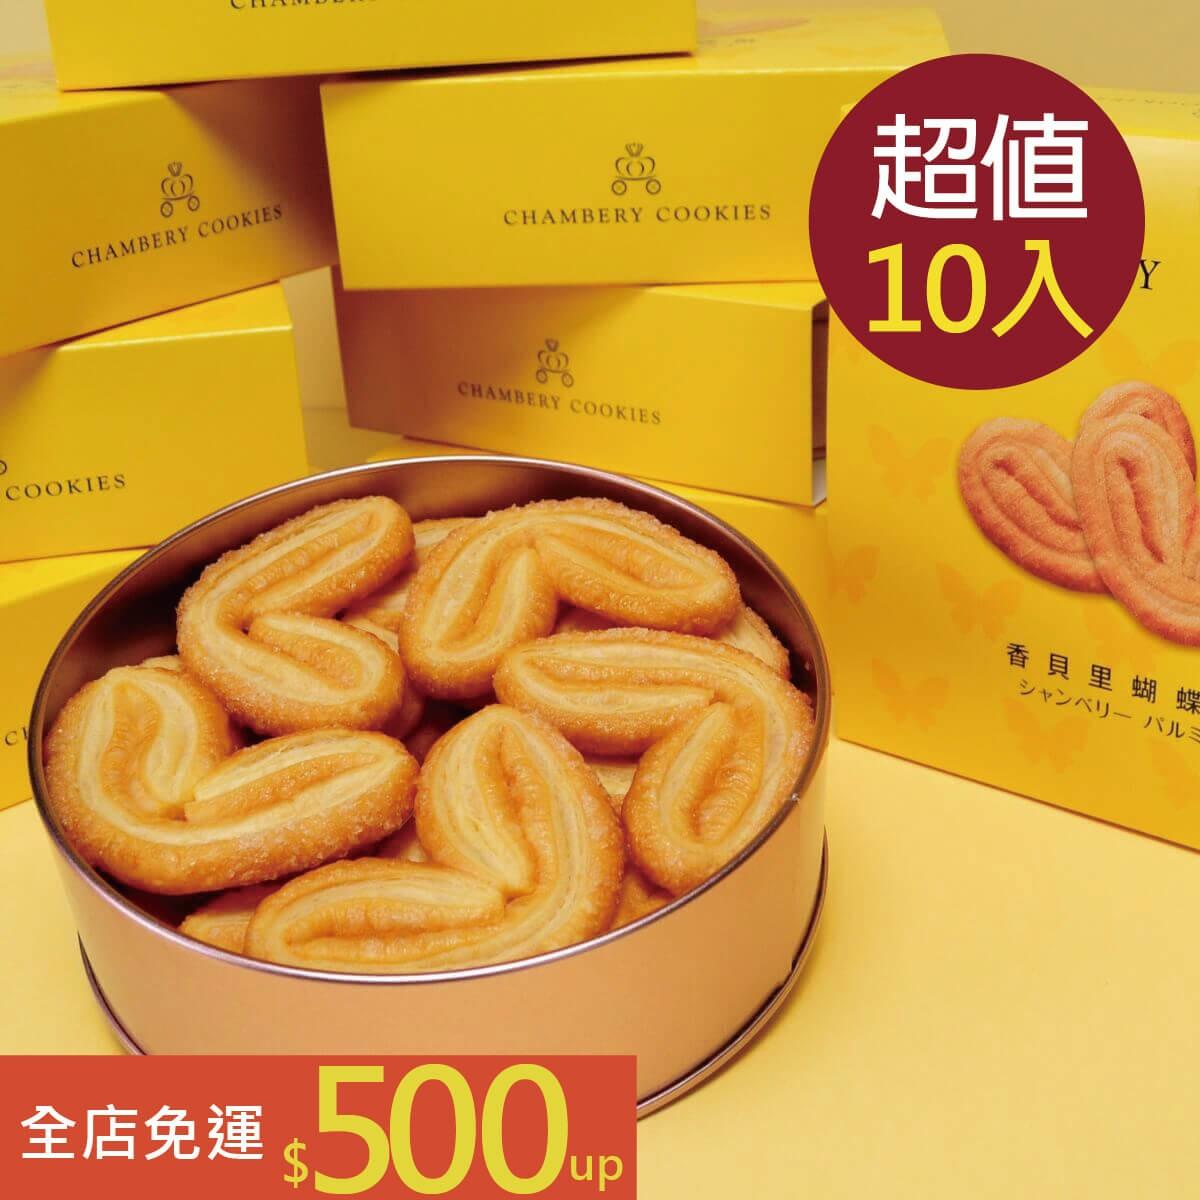 【免運!團購超省!】鐵盒餅乾10盒組